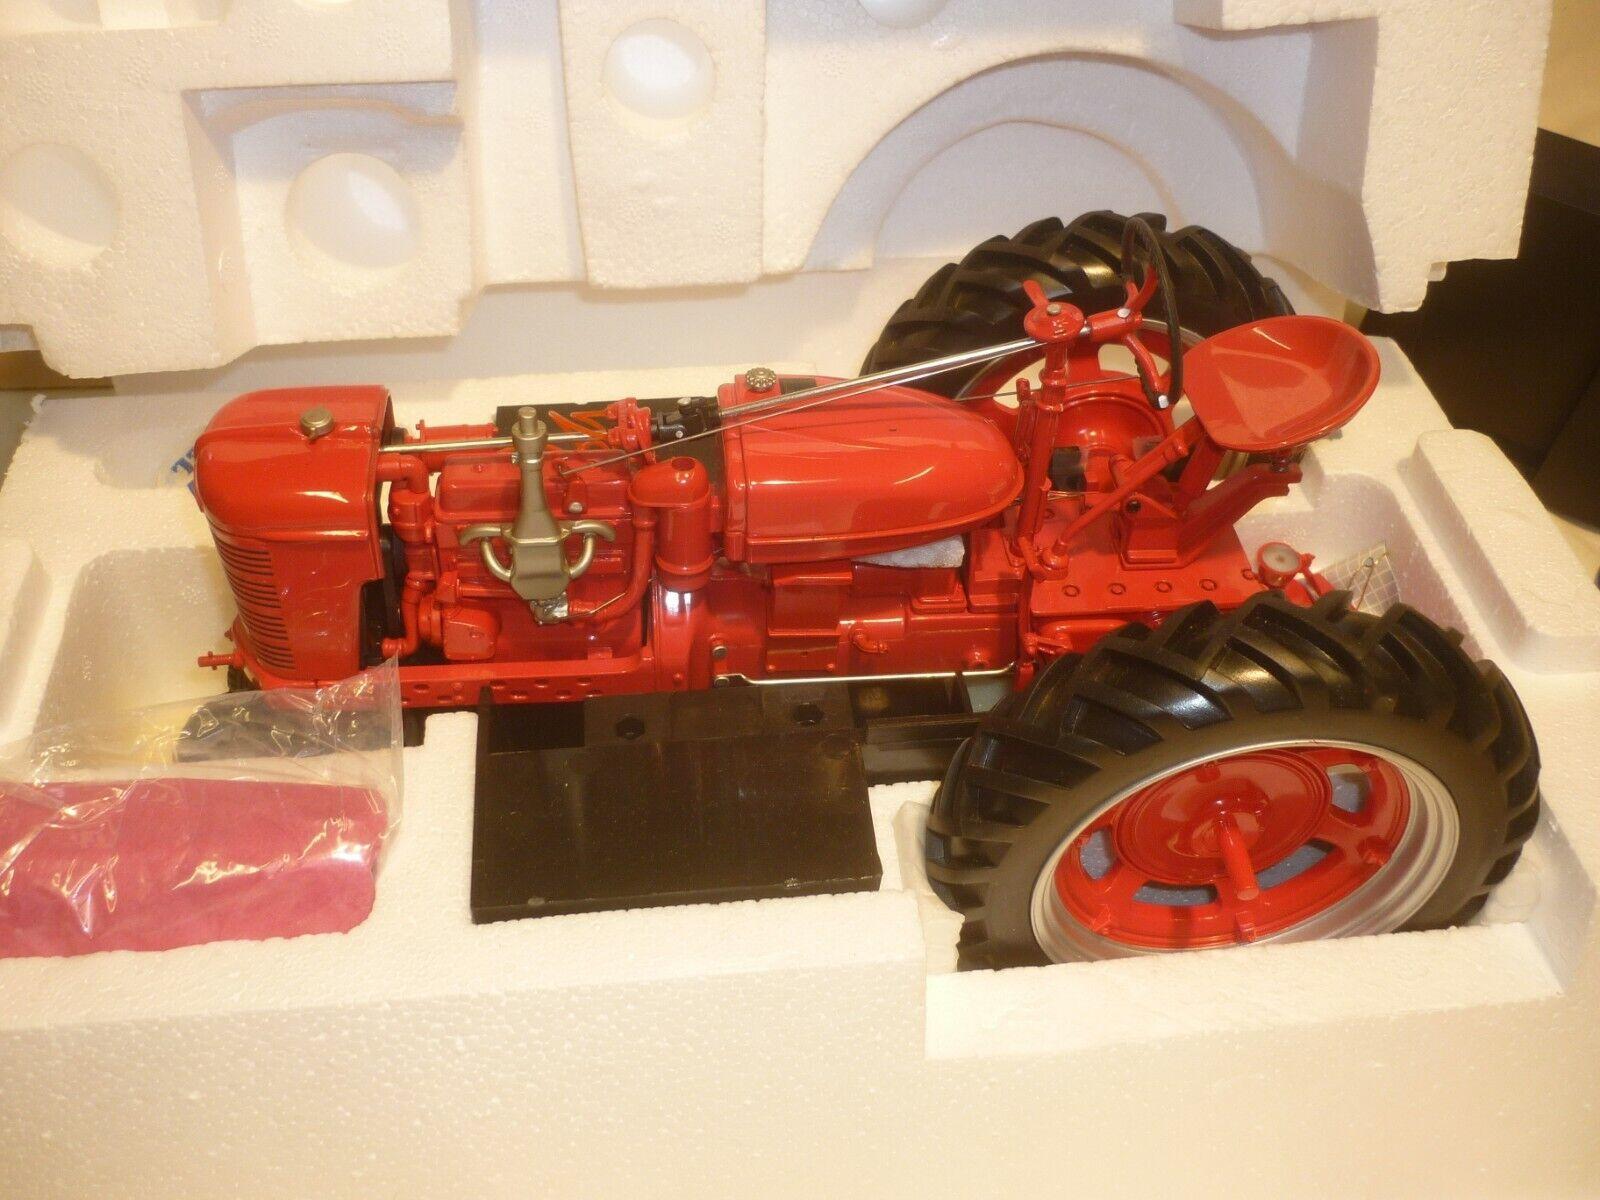 Un franklin Comme neuf d'un modèle à l'échelle d'un International Farmall Model H, tracteur